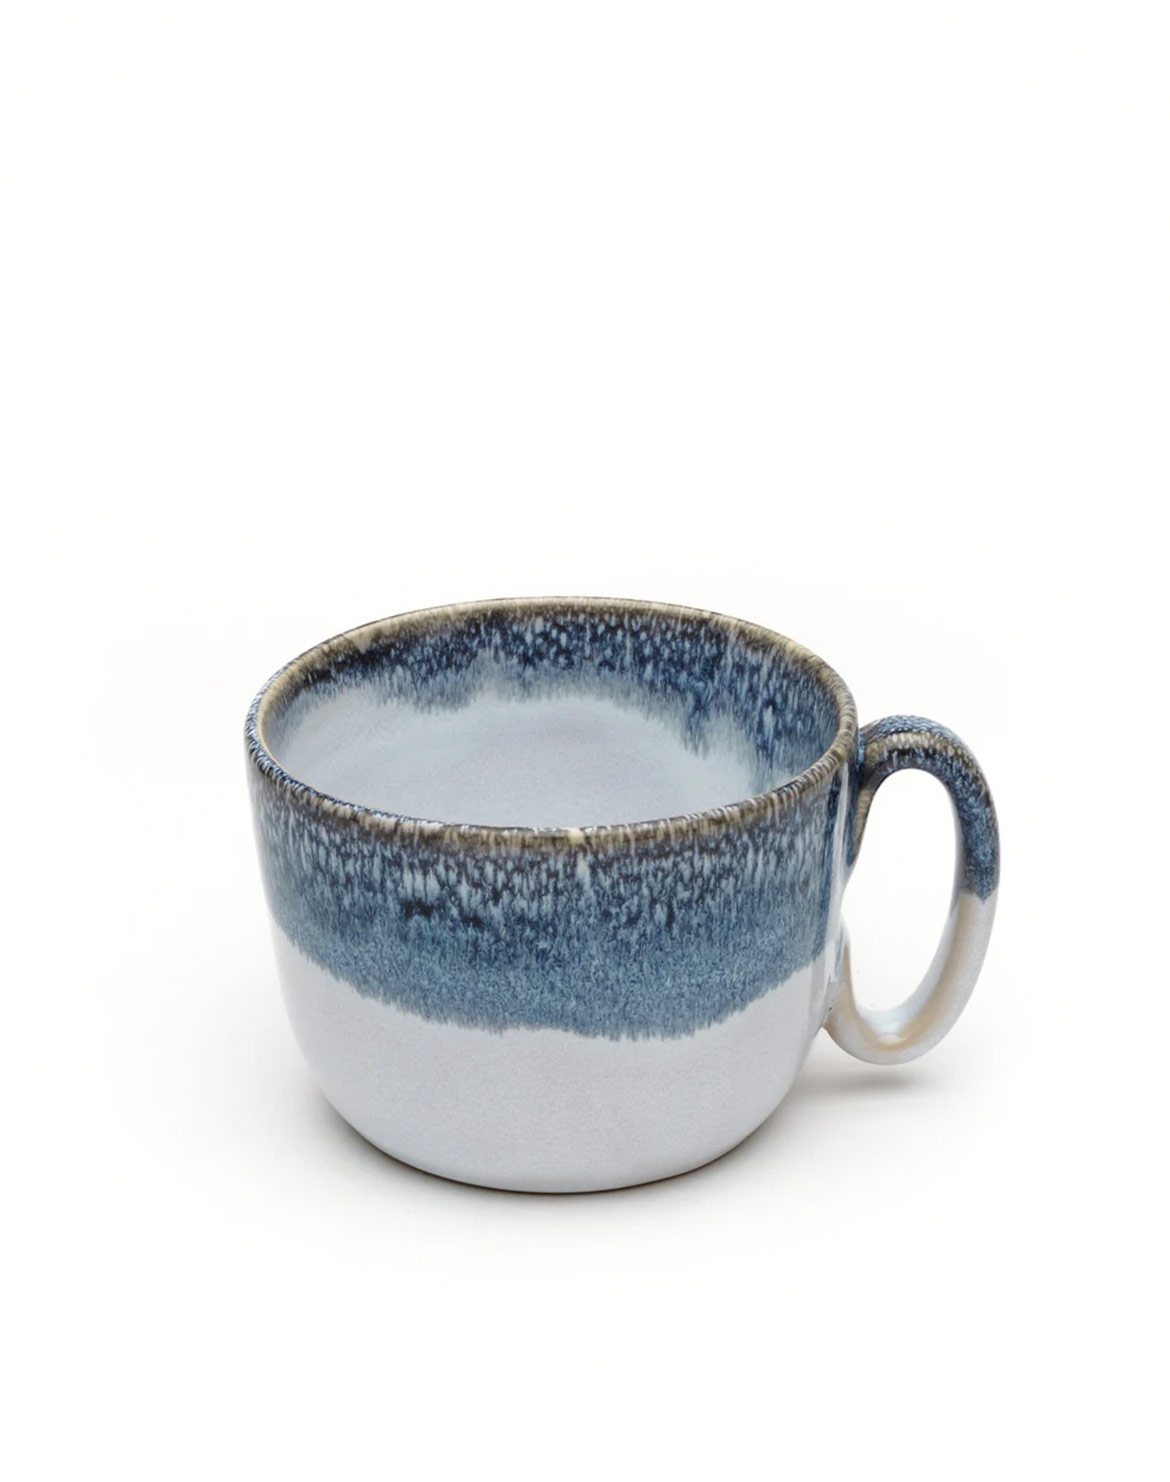 Graublau dipped